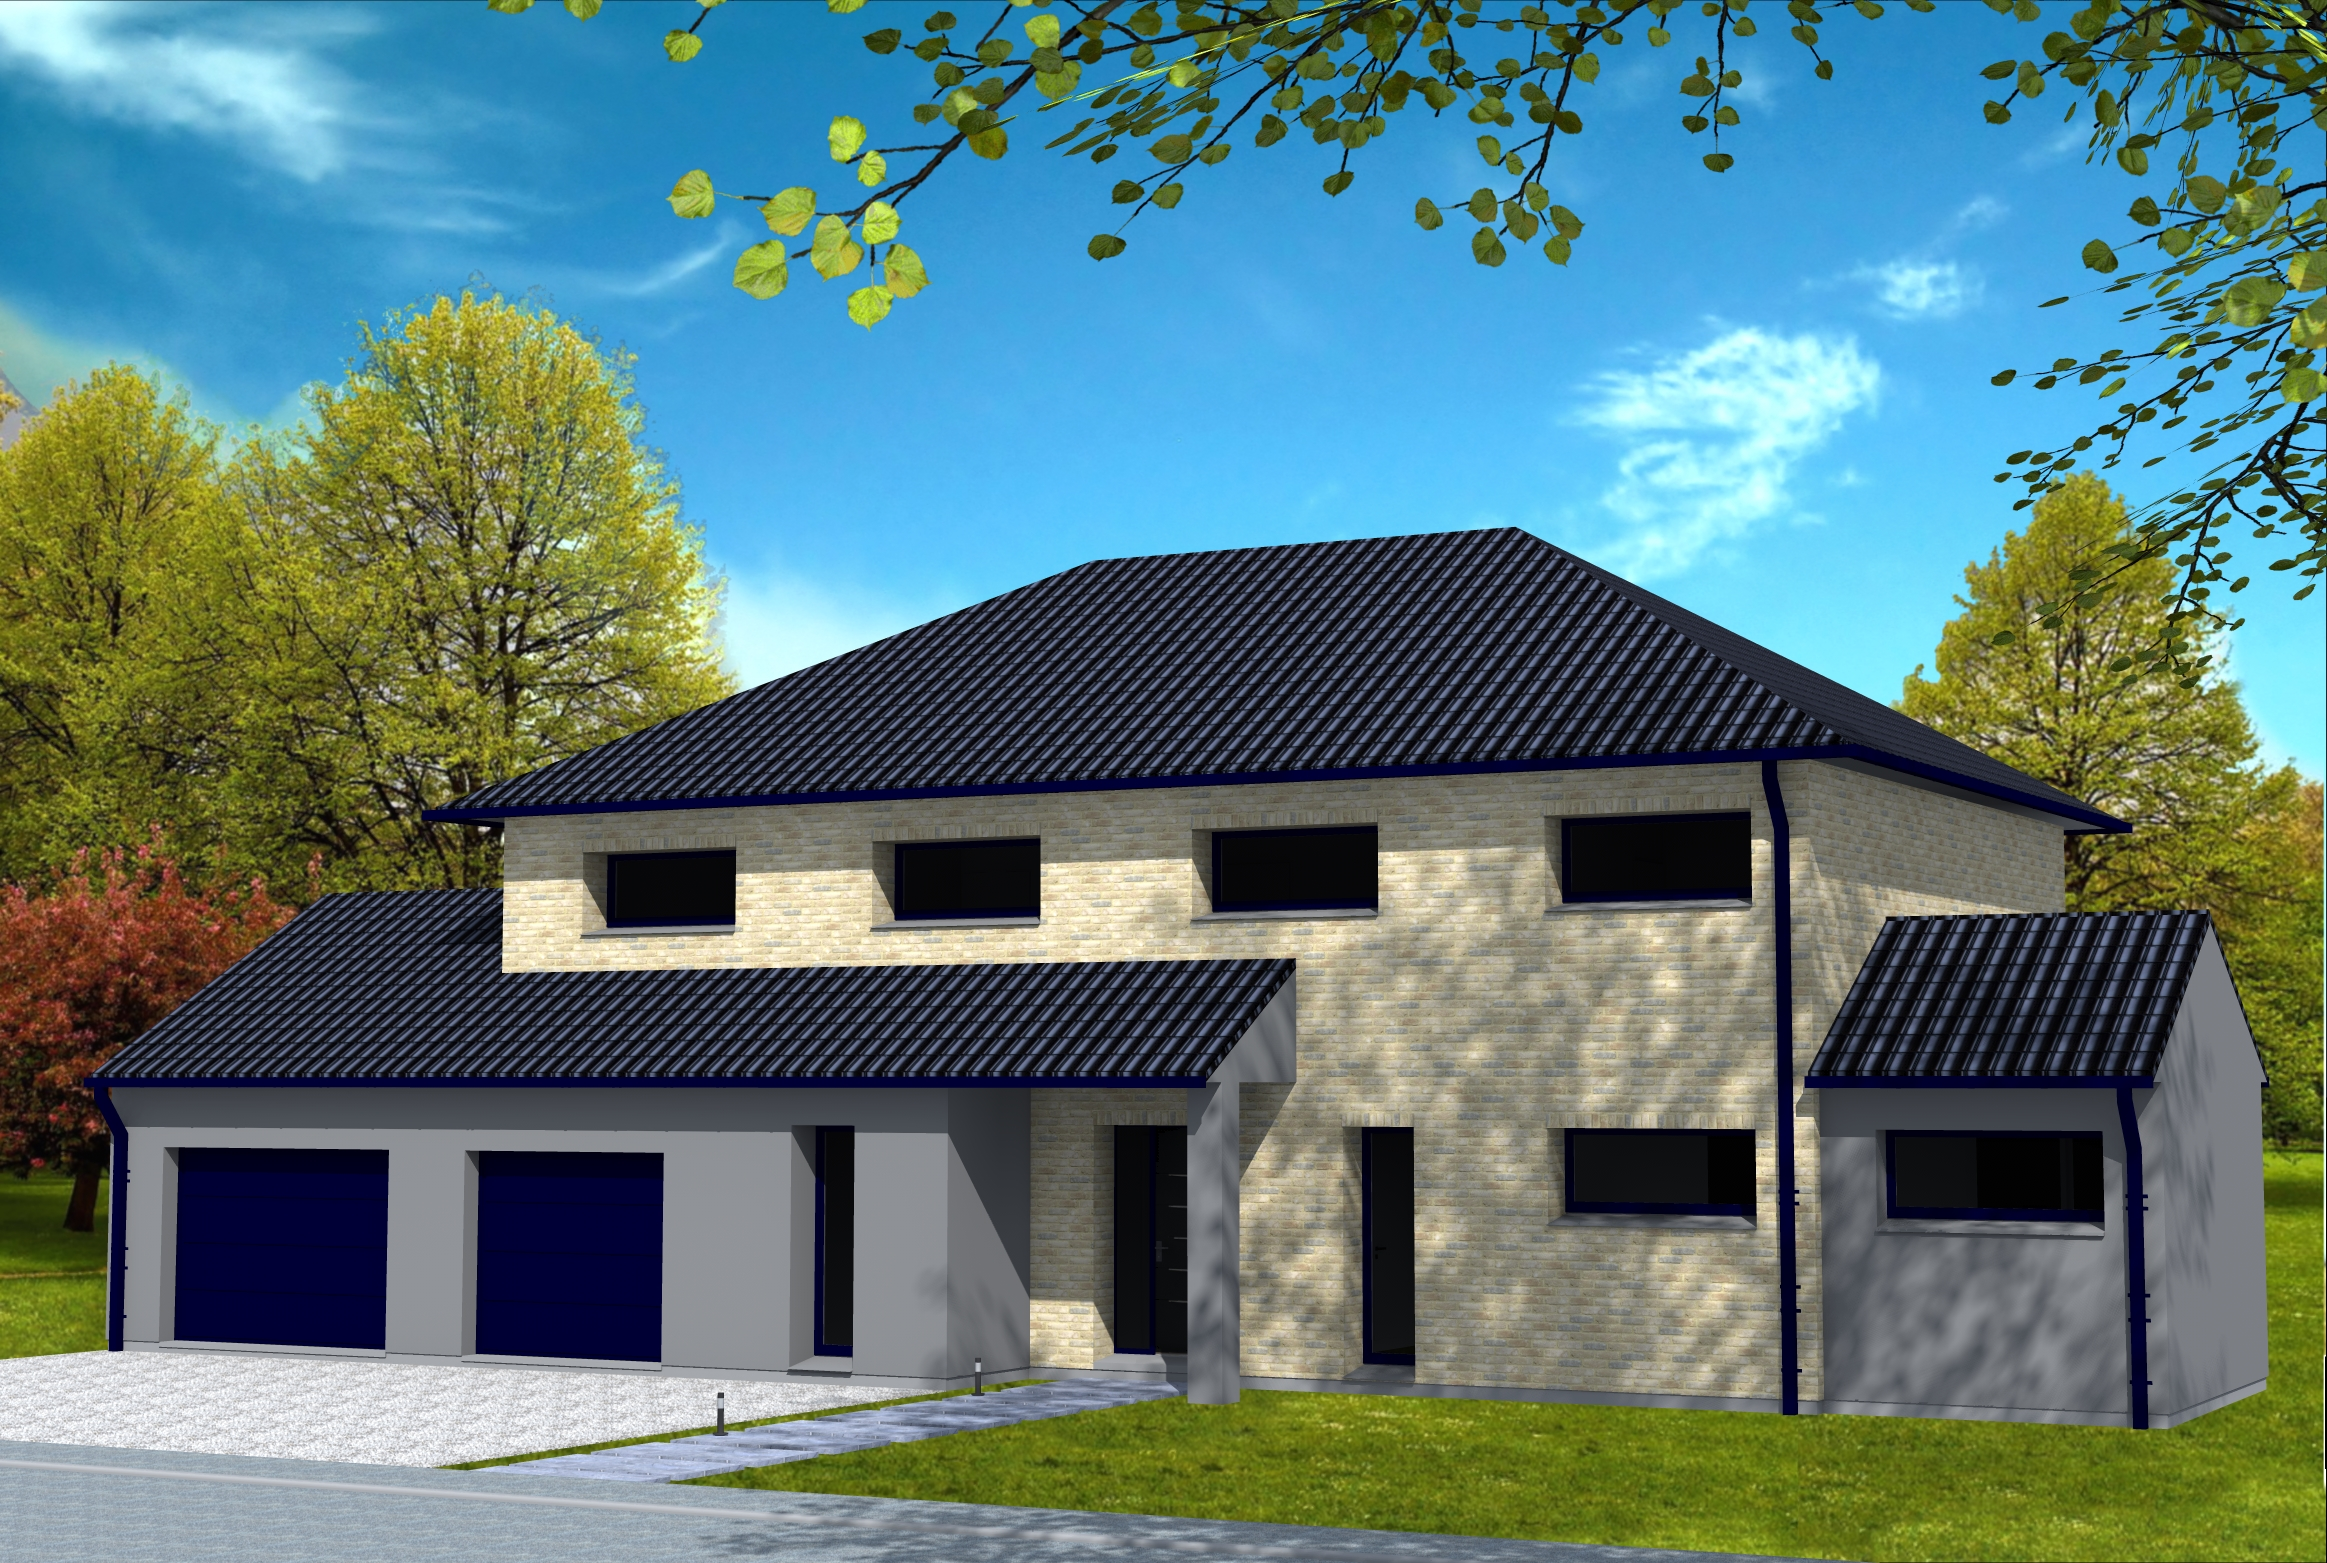 Maison r 1 yohann baheux ma tre d 39 oeuvre permis de for Permis de construire agricole